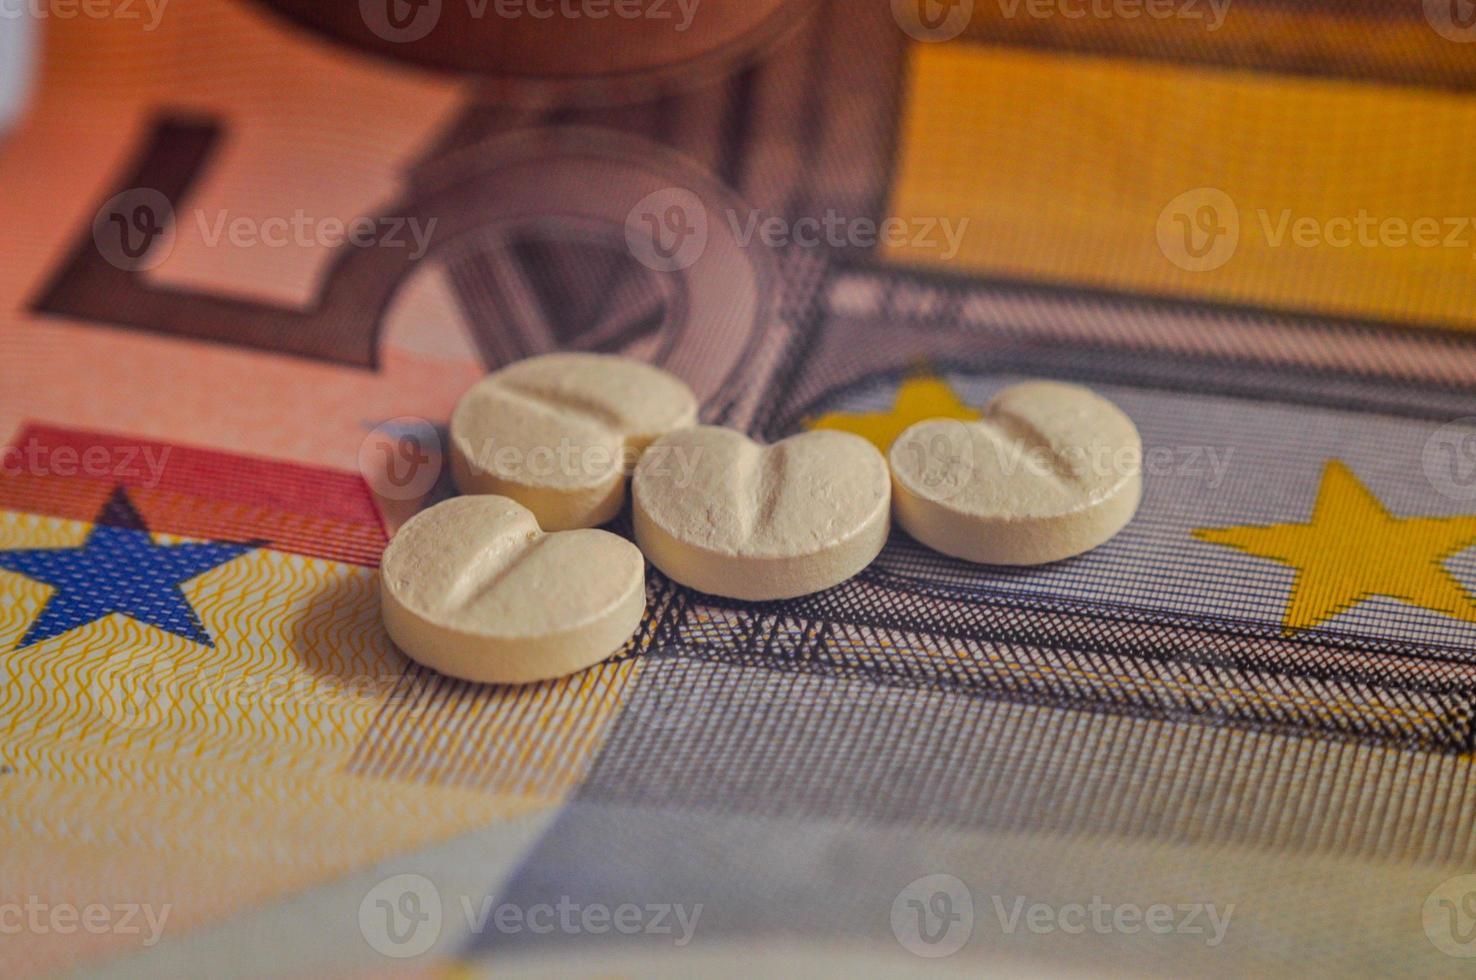 Medicinas photo